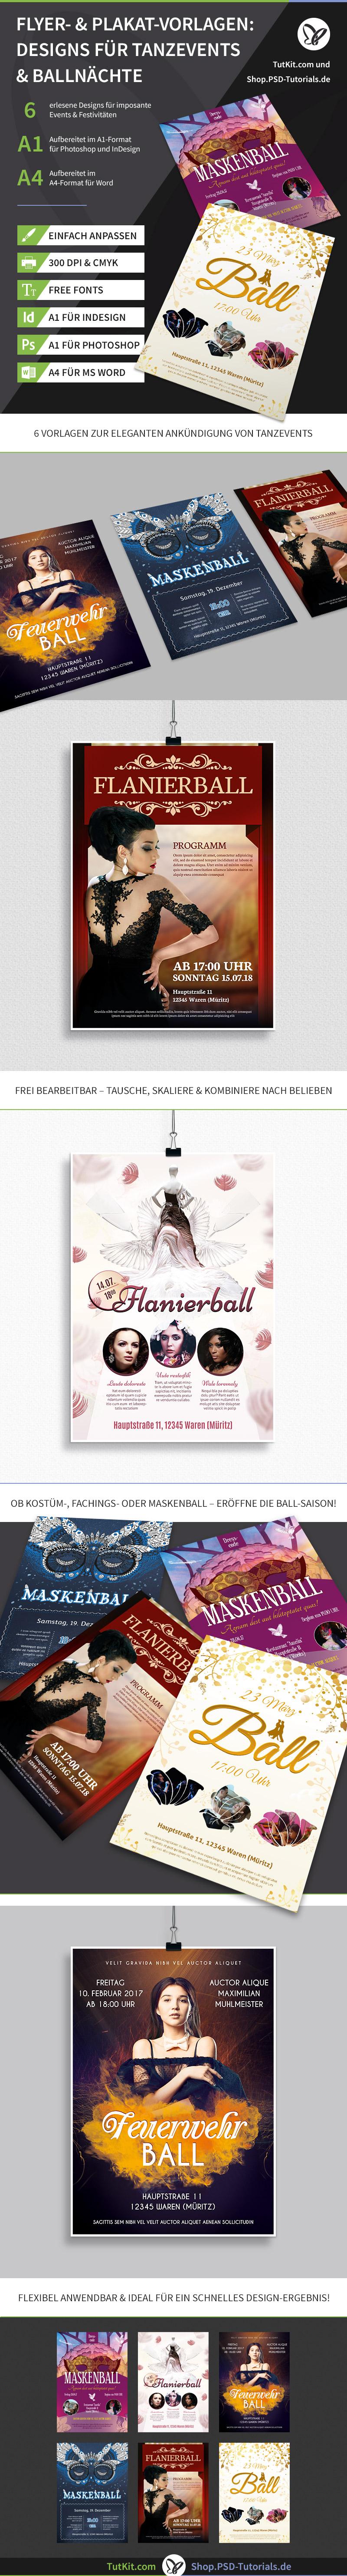 Überblick über die Plakat- und Flyer-Vorlagen zum Thema Tanzevents und Ballnächte